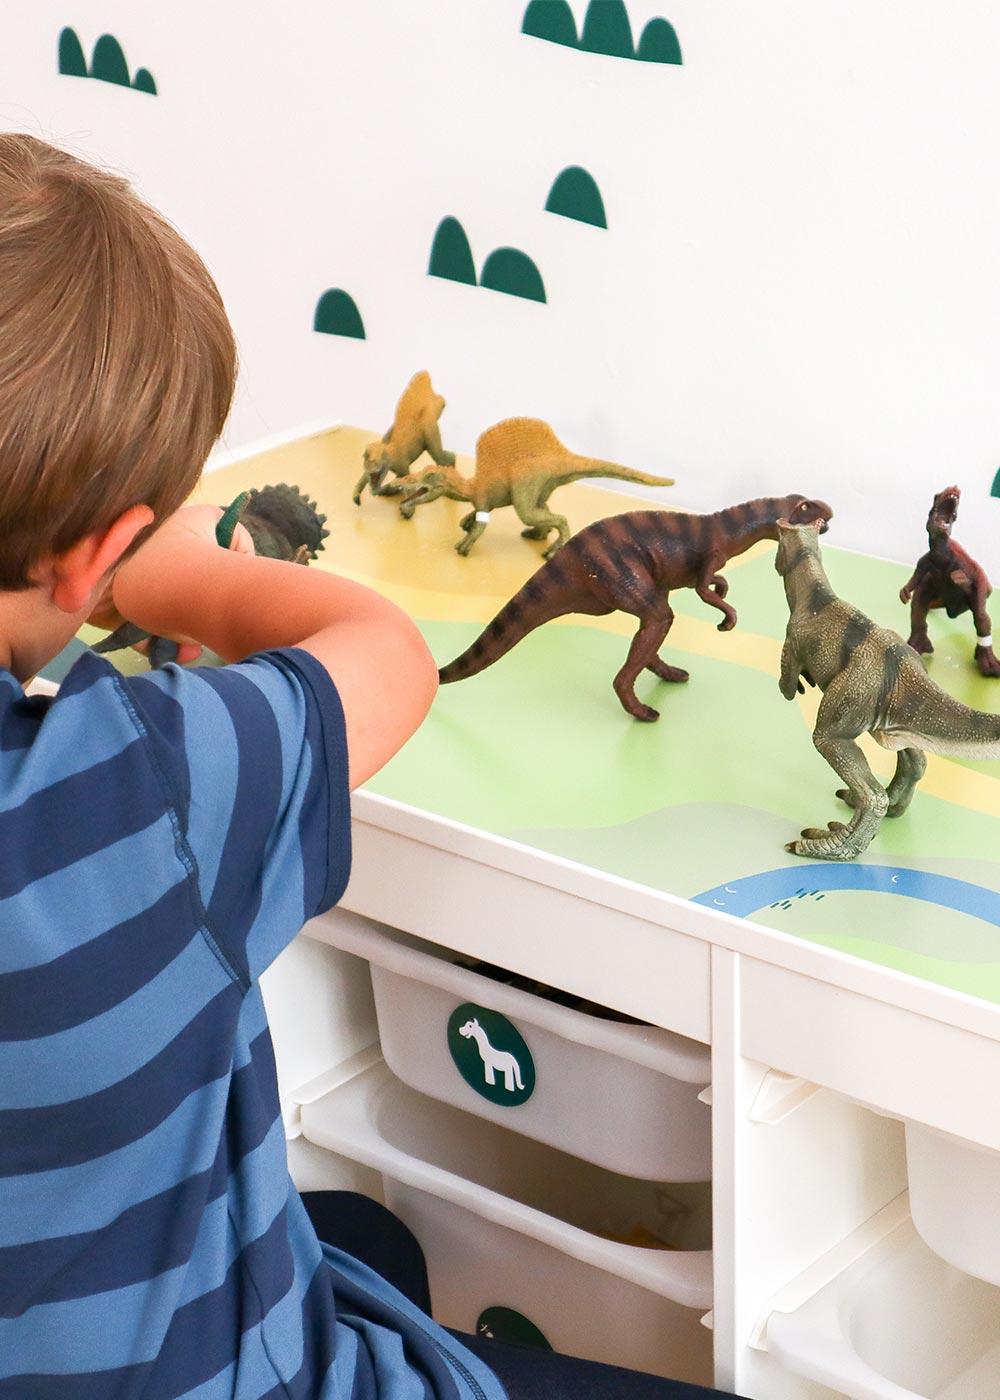 Ikea Trofast Regal Spielwiese Teilansicht mit Kulle und Dinos